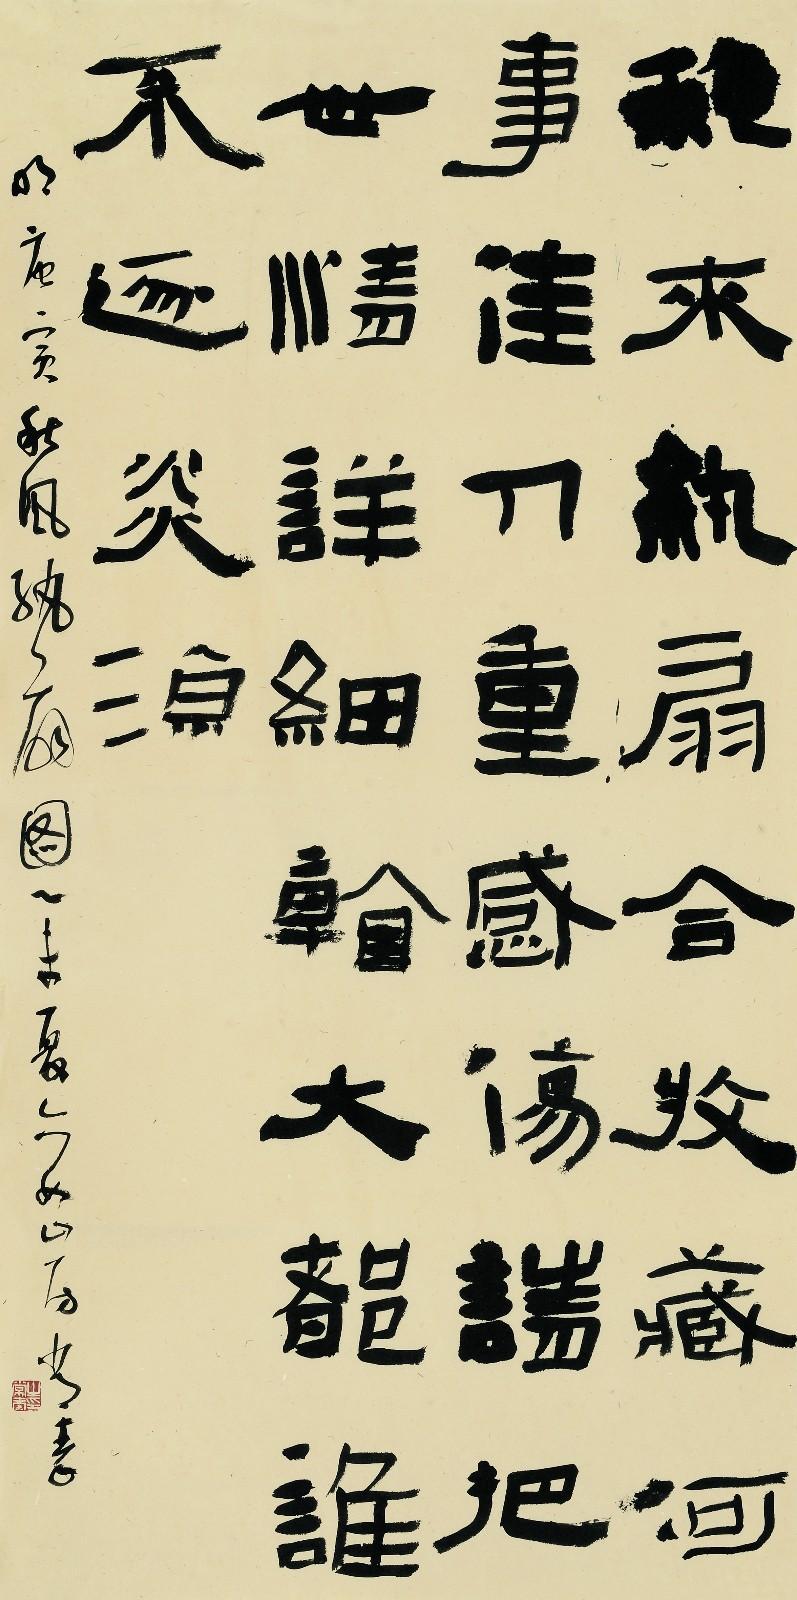 唐寅秋風紈扇圖詩